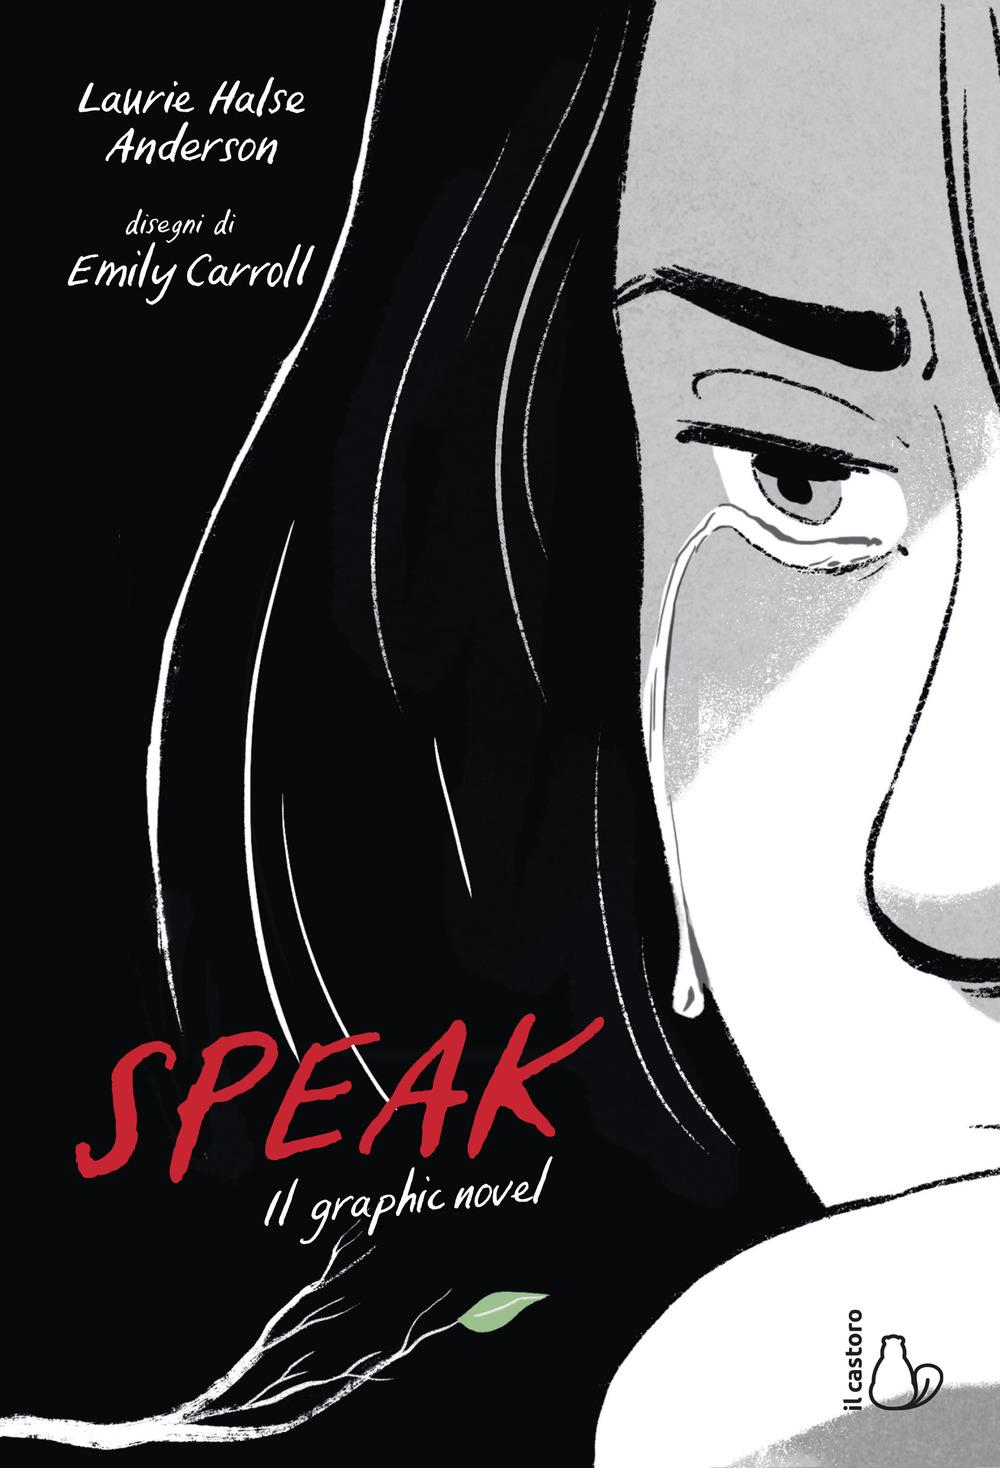 SPEAK. IL GRAPHIC NOVEL - 9788869665196